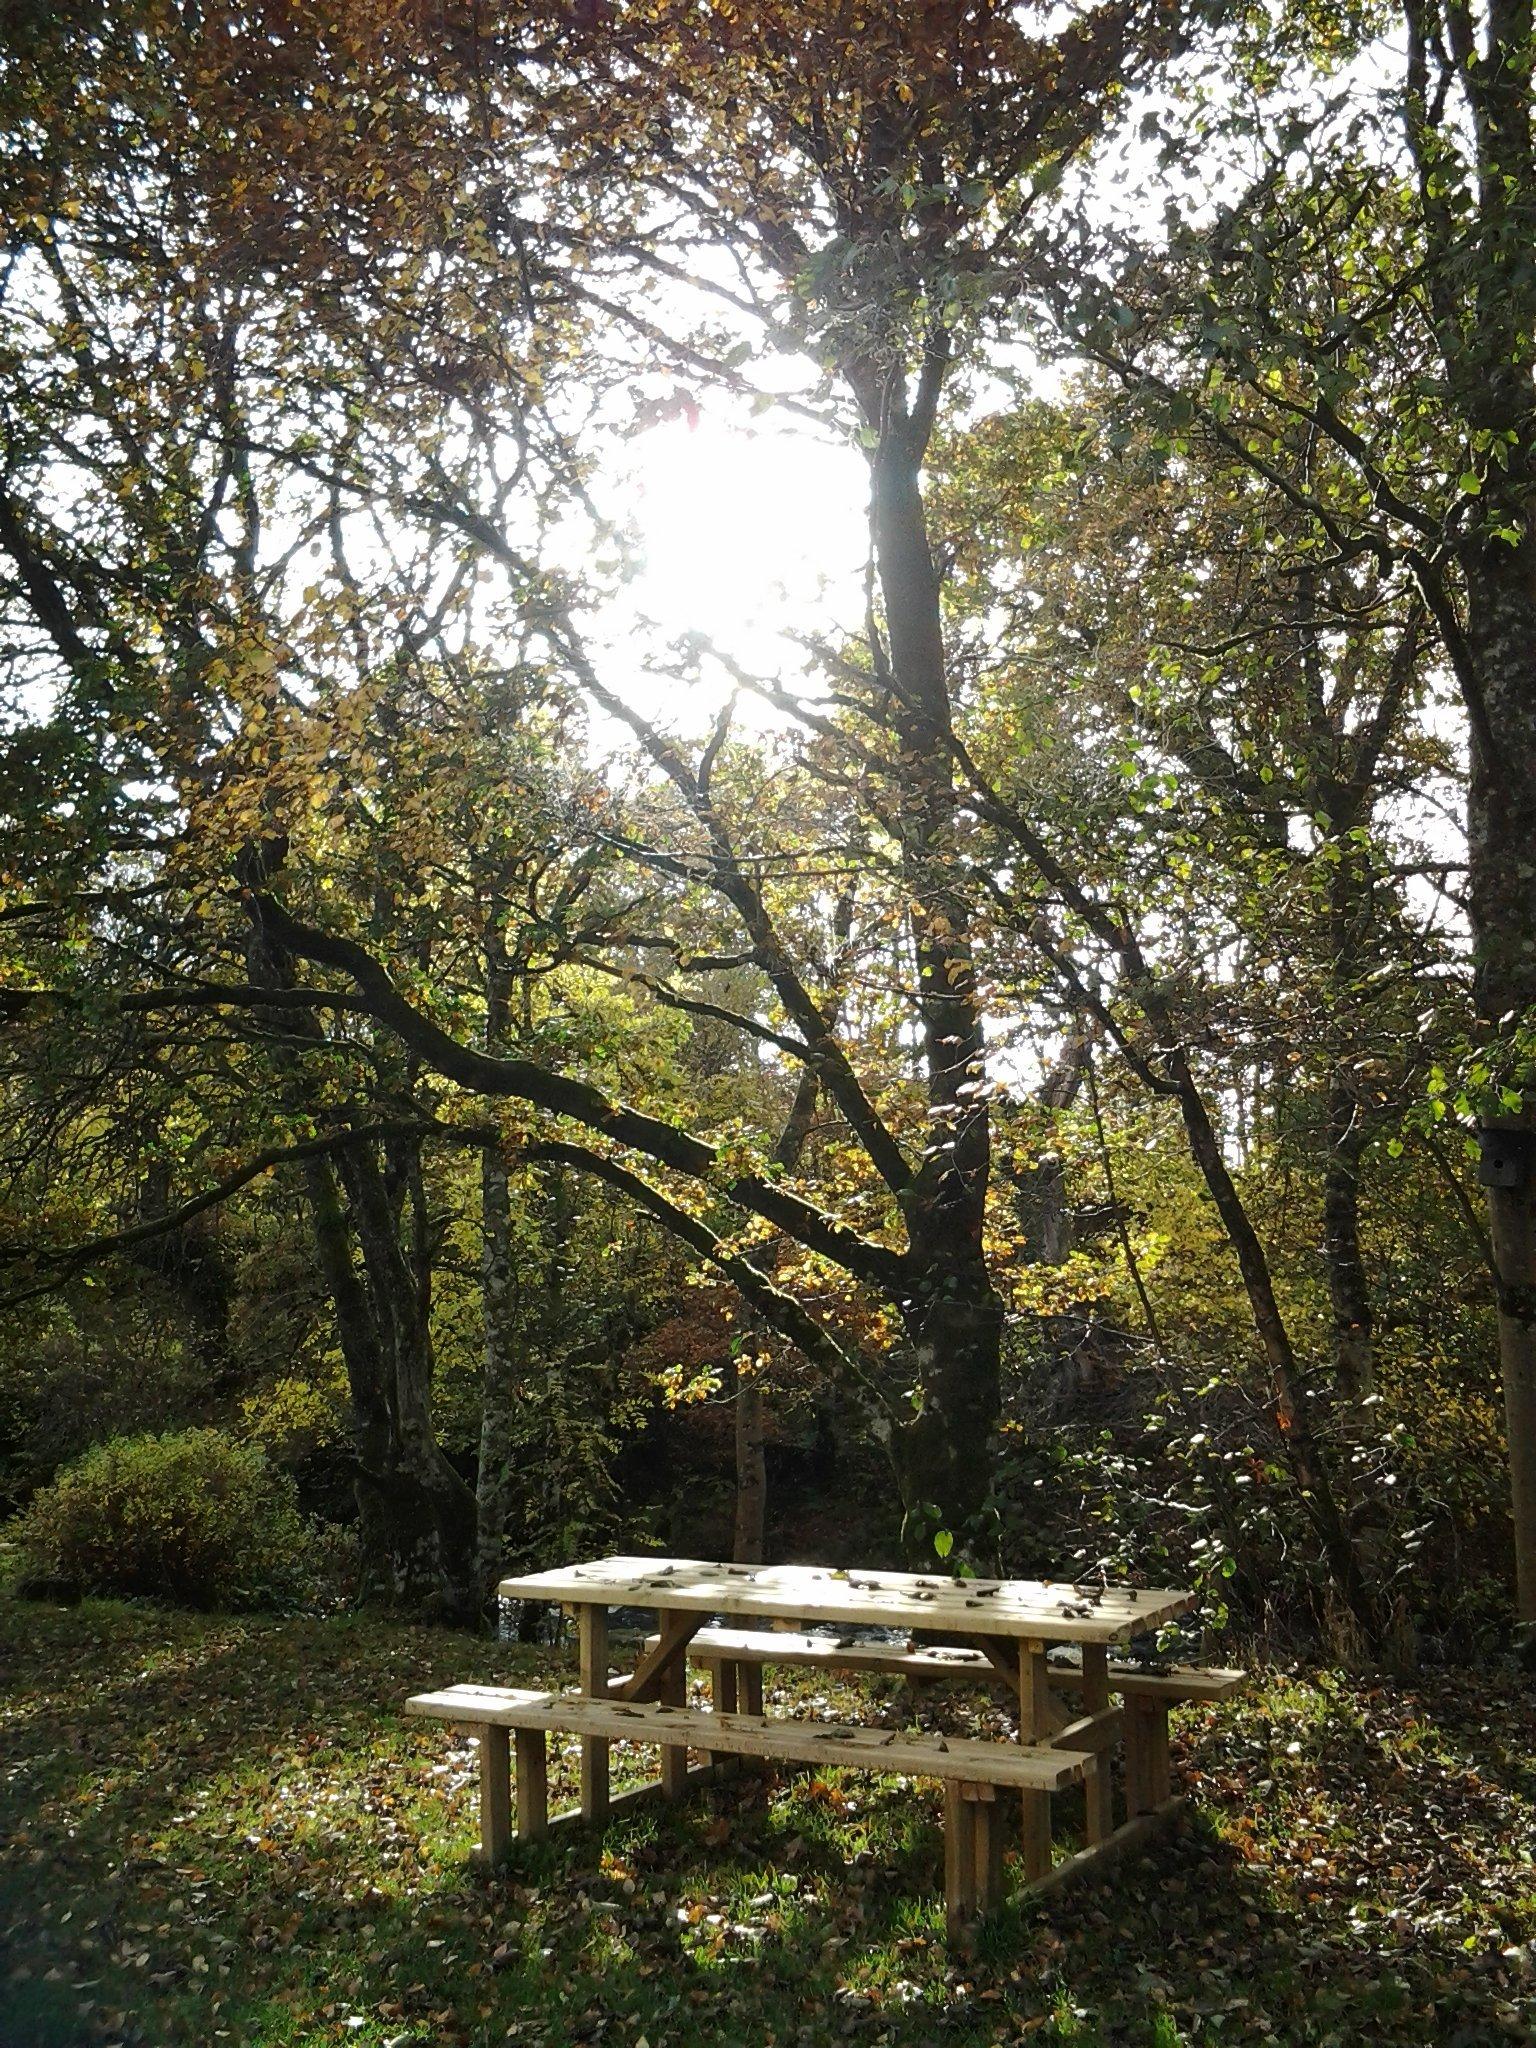 Tryweryn trail picnic area